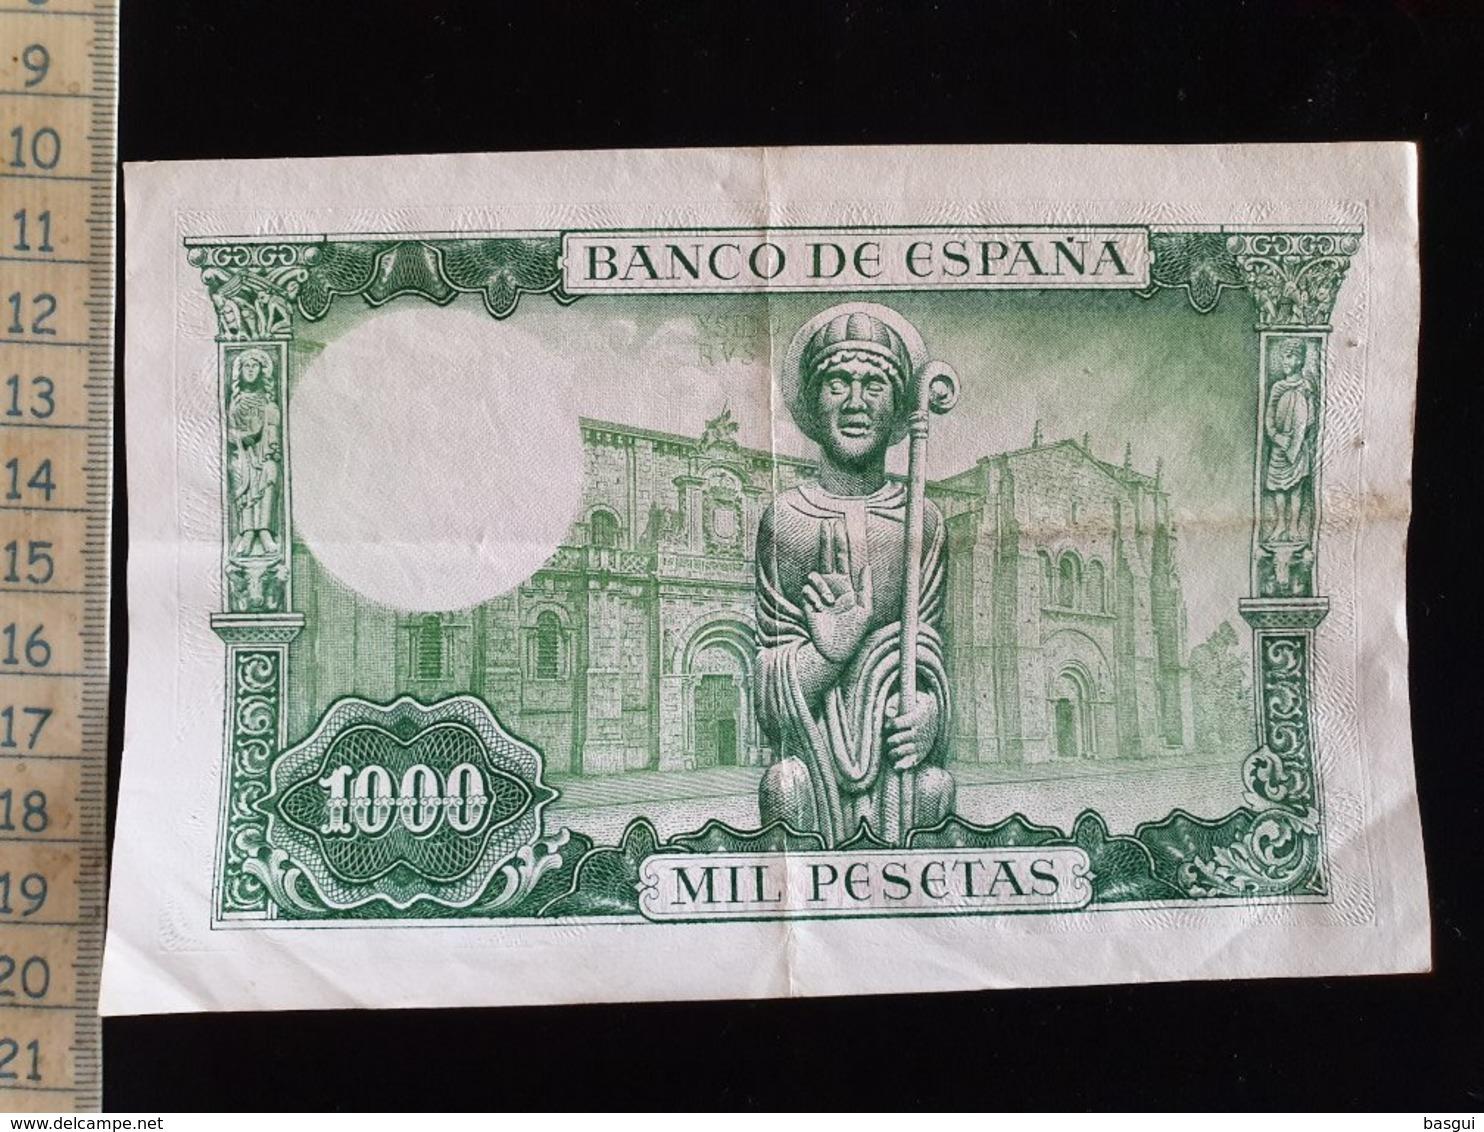 Billet 1000 Pesetas, Espagne, 1965 - 1000 Pesetas